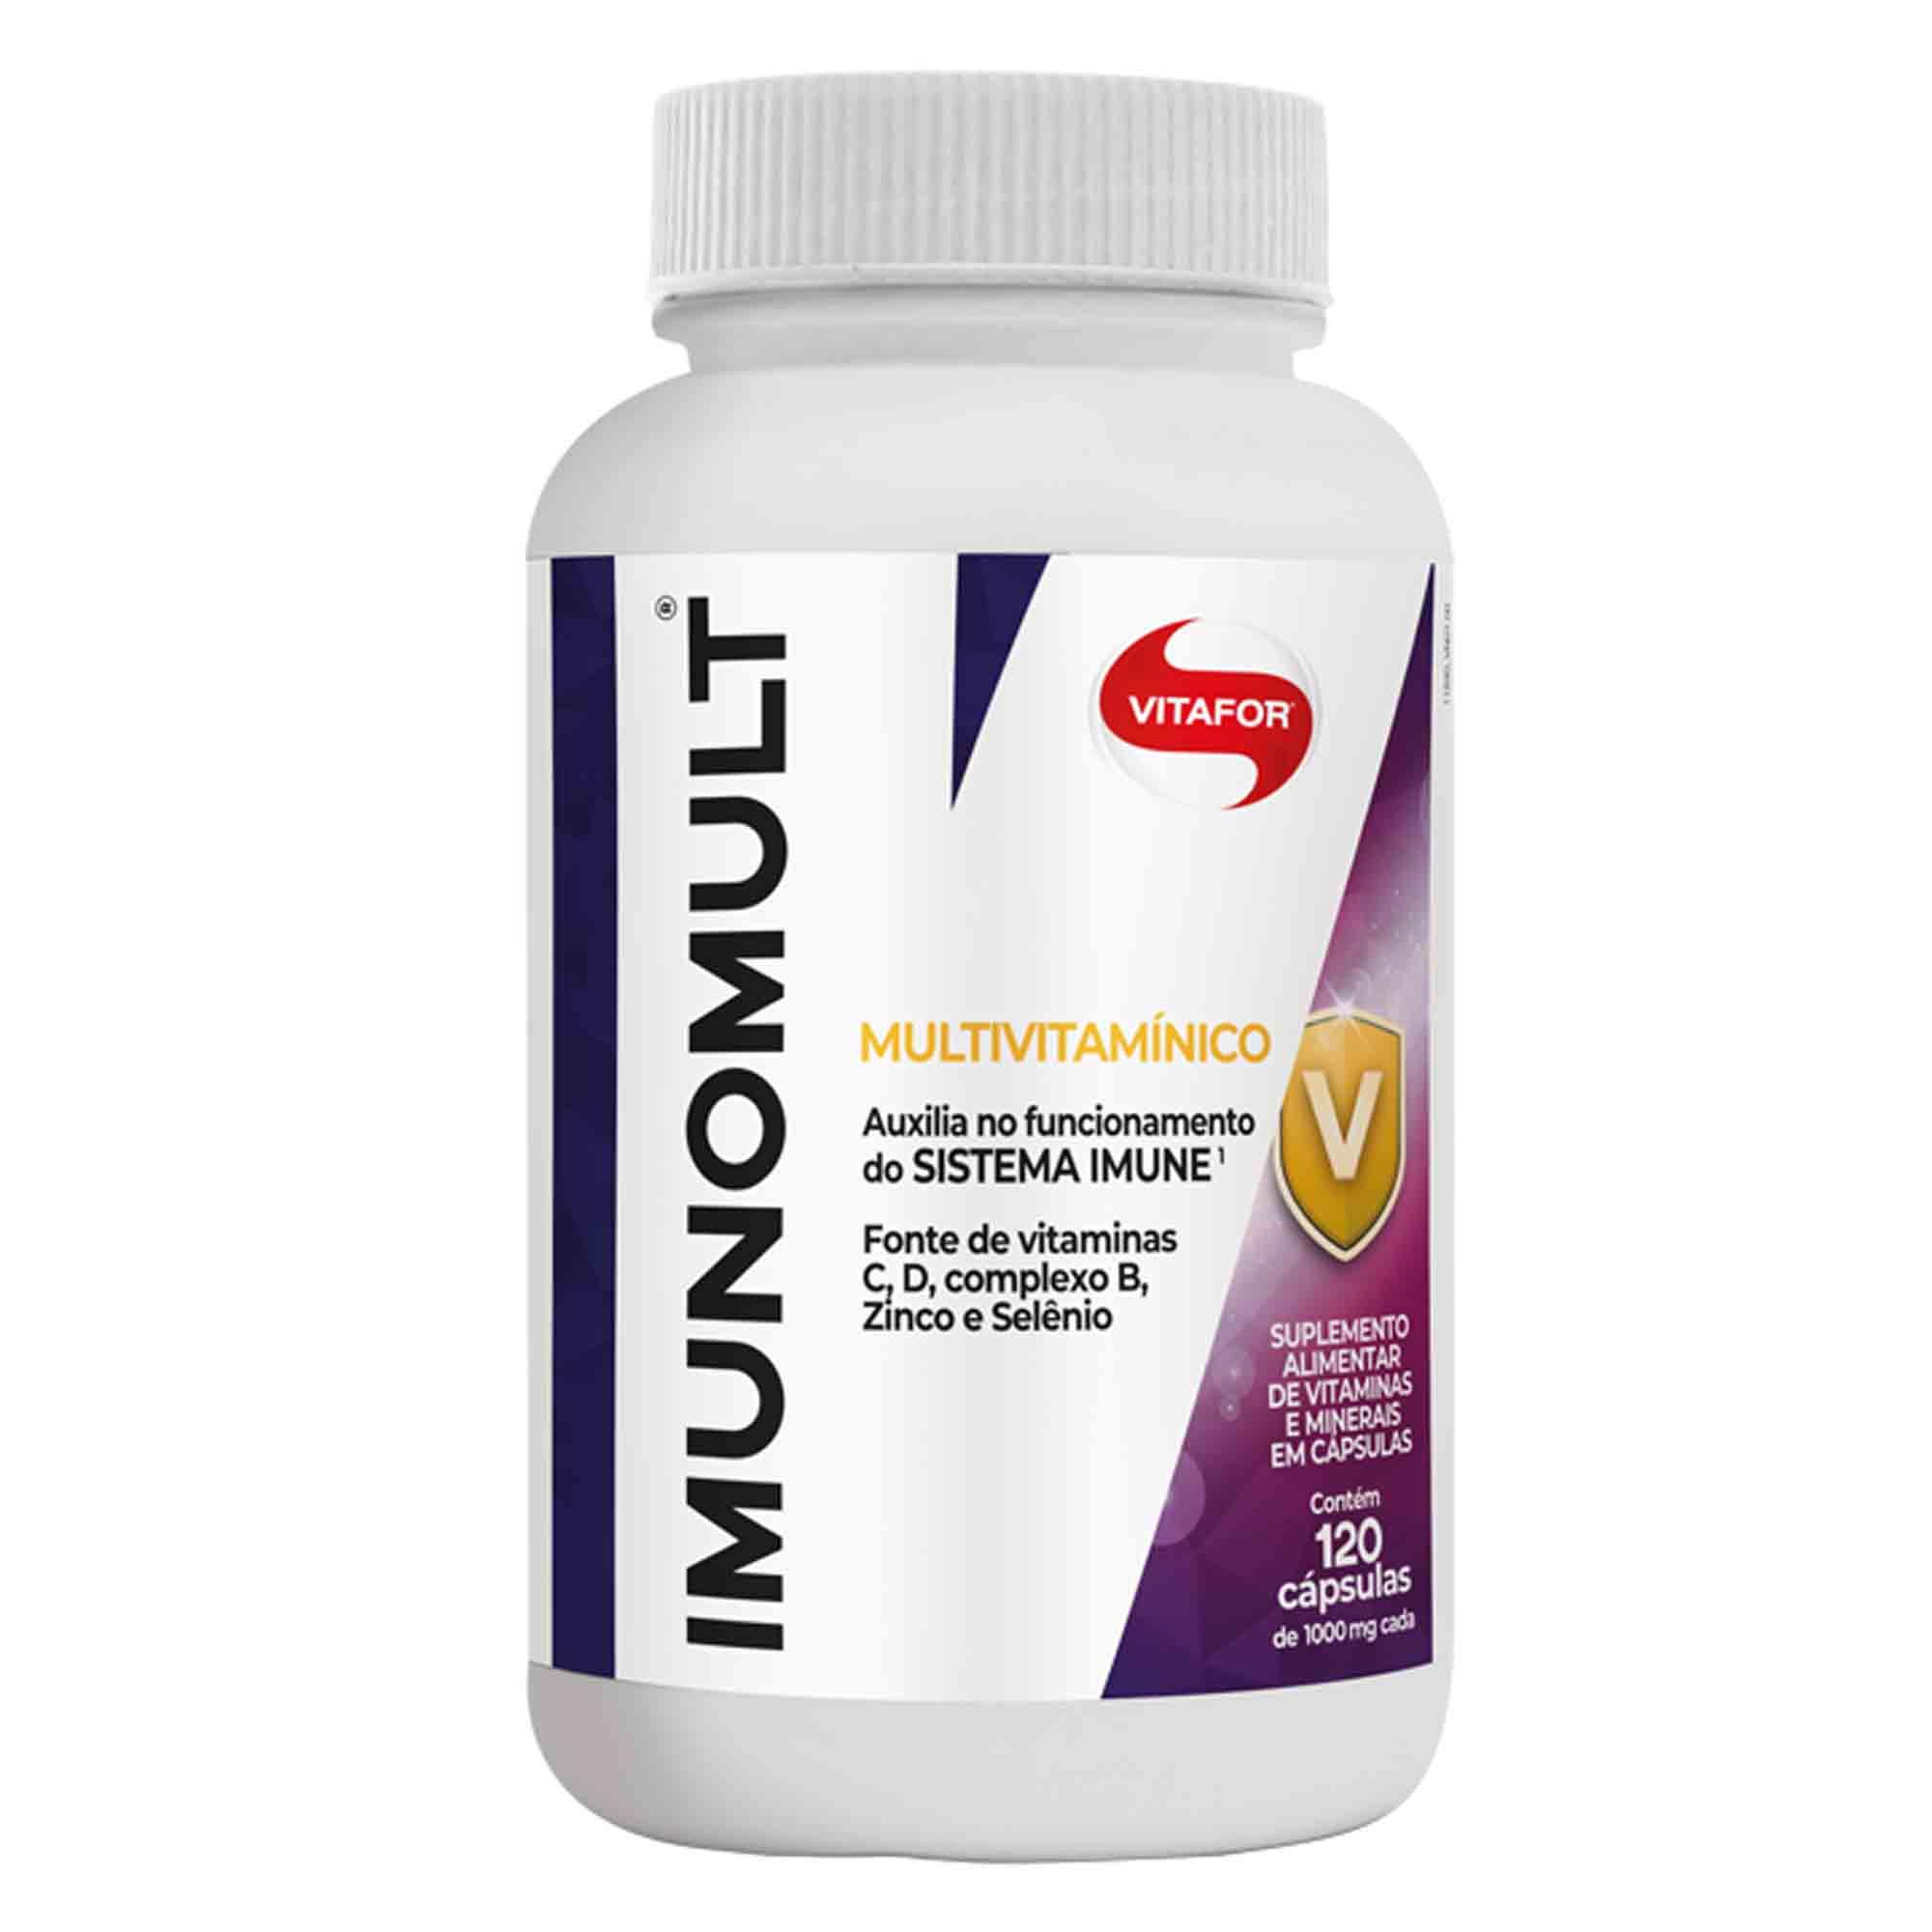 Imunomult Multivitaminico Vitafor